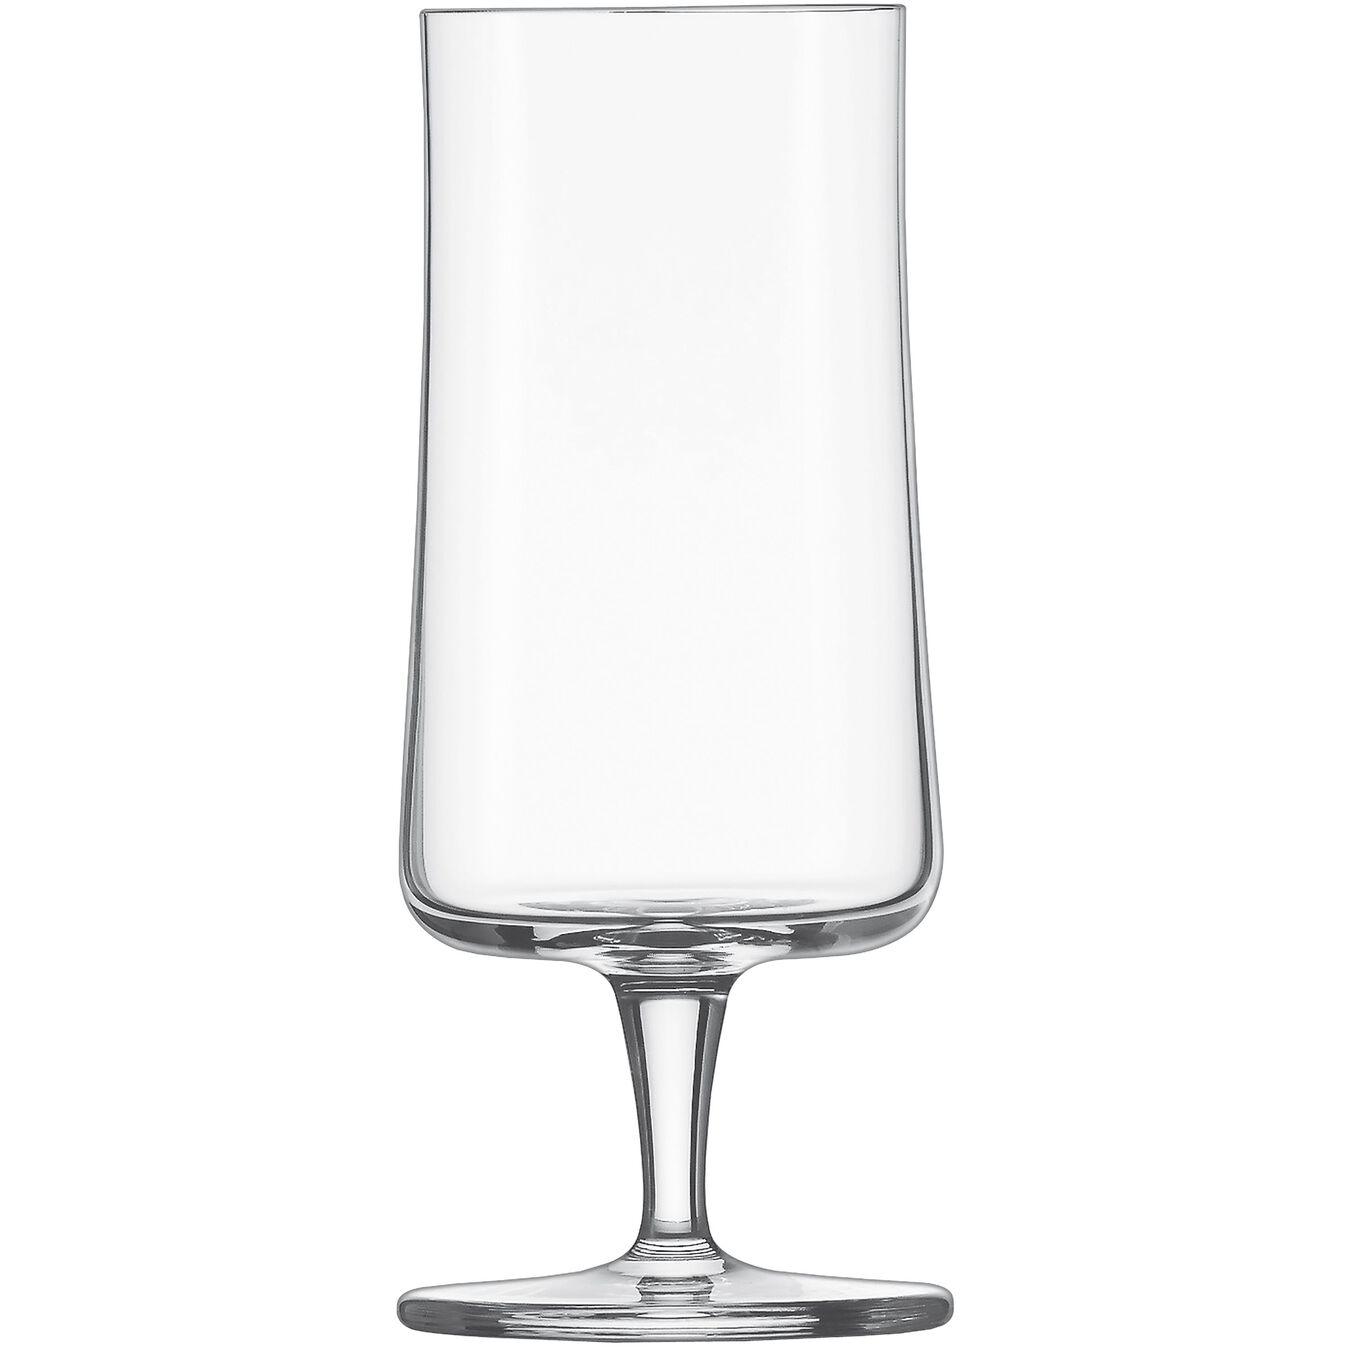 Bira Bardağı | 400 ml,,large 1